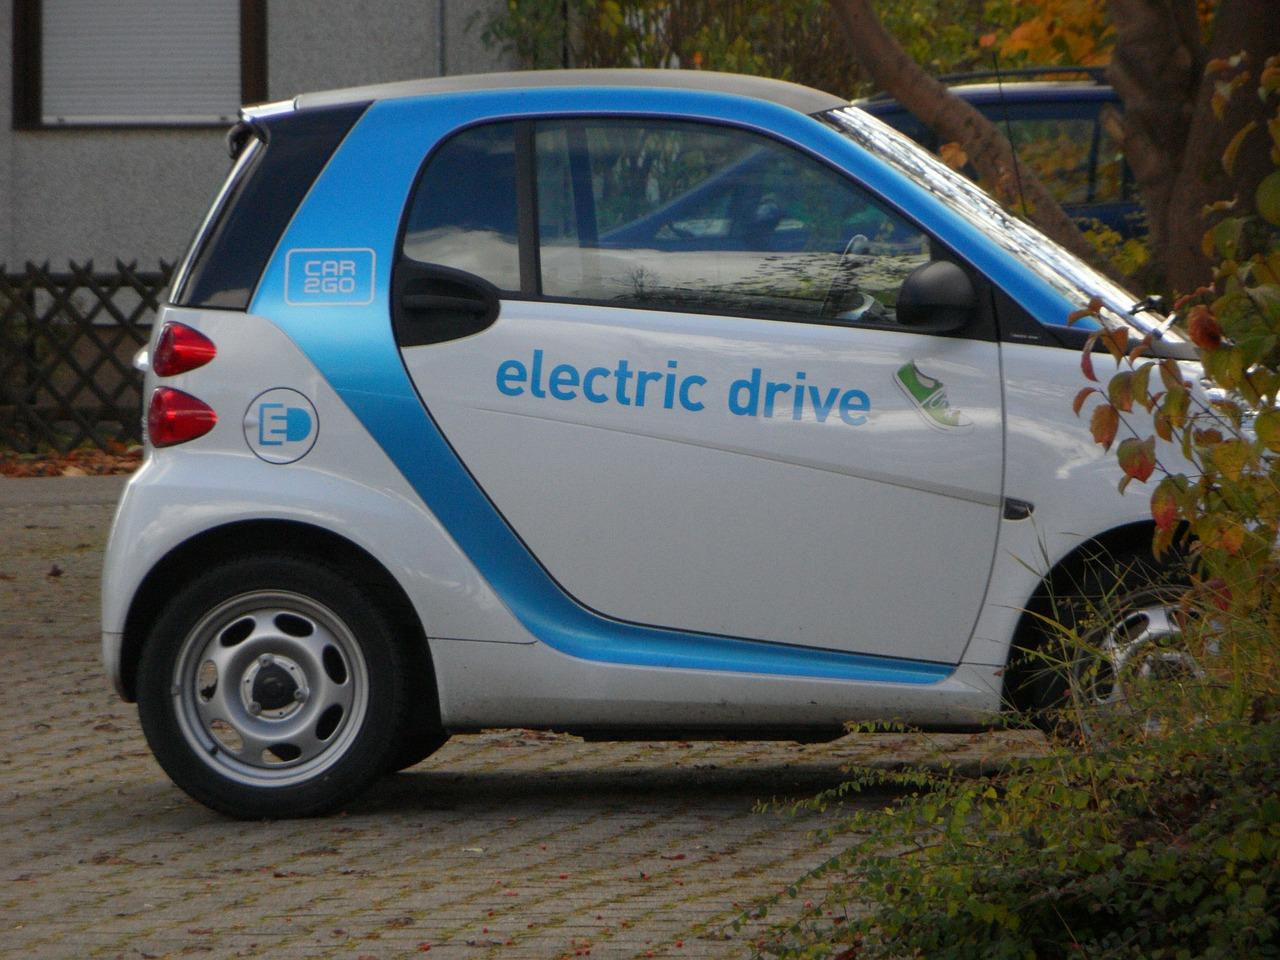 venta de coches eléctricos usados